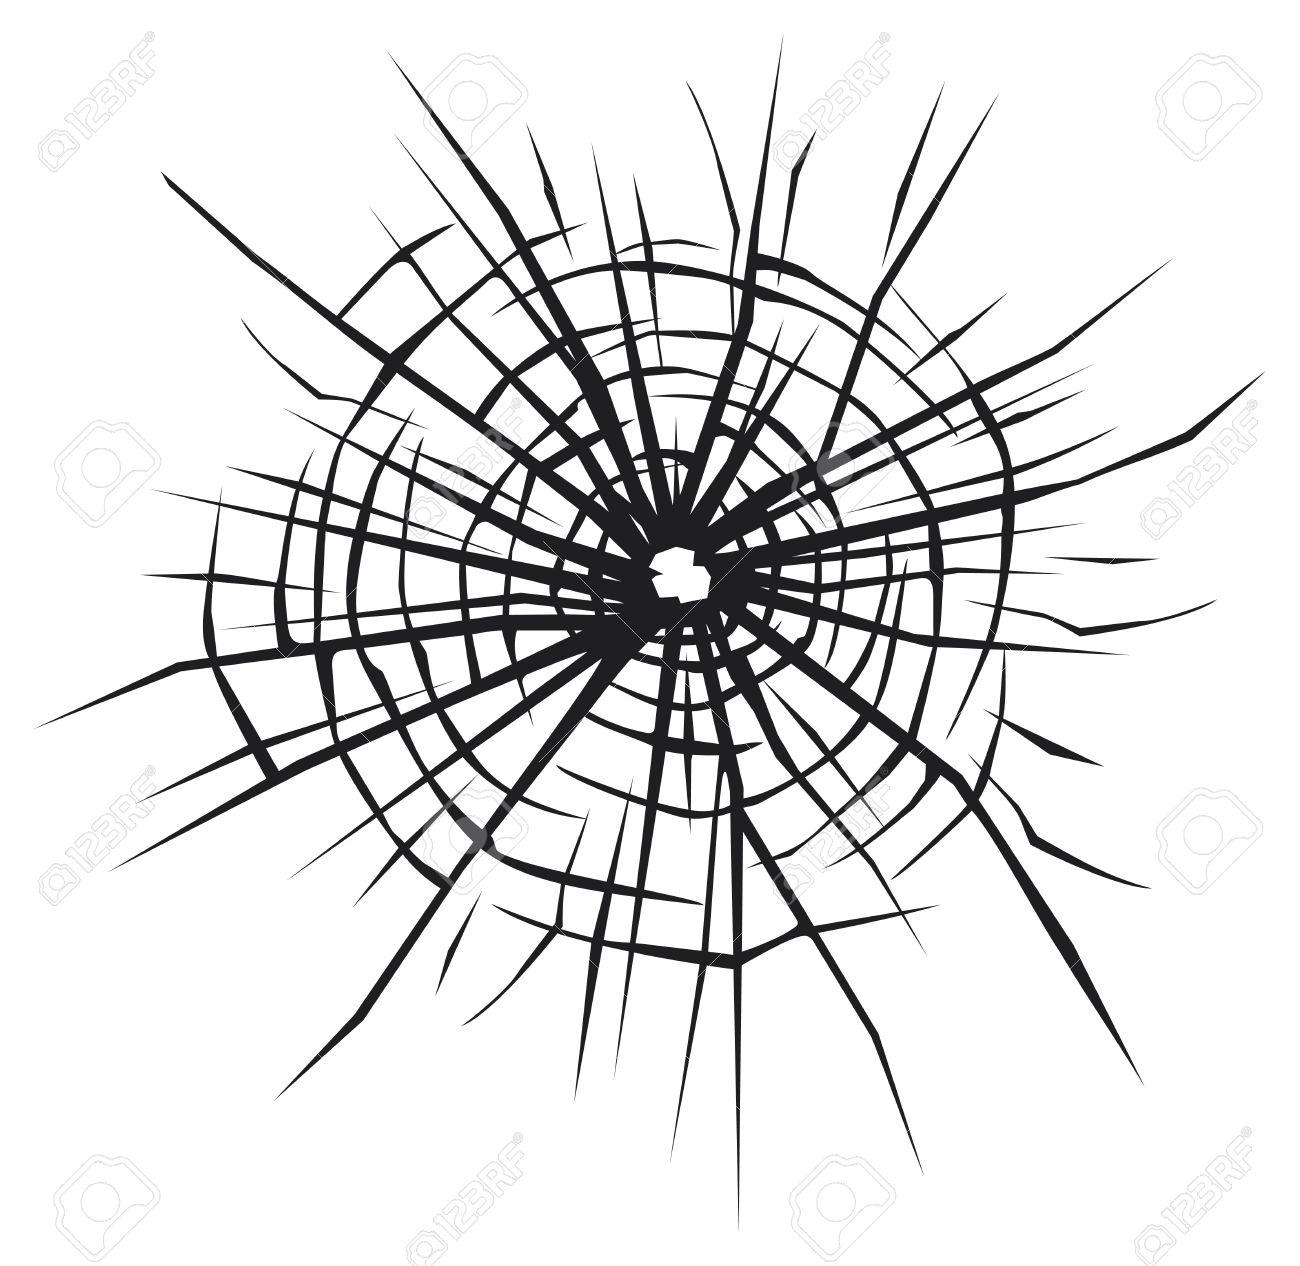 1300x1266 Broken Glass Vector Background Of Cracked Glass, Broken Glass